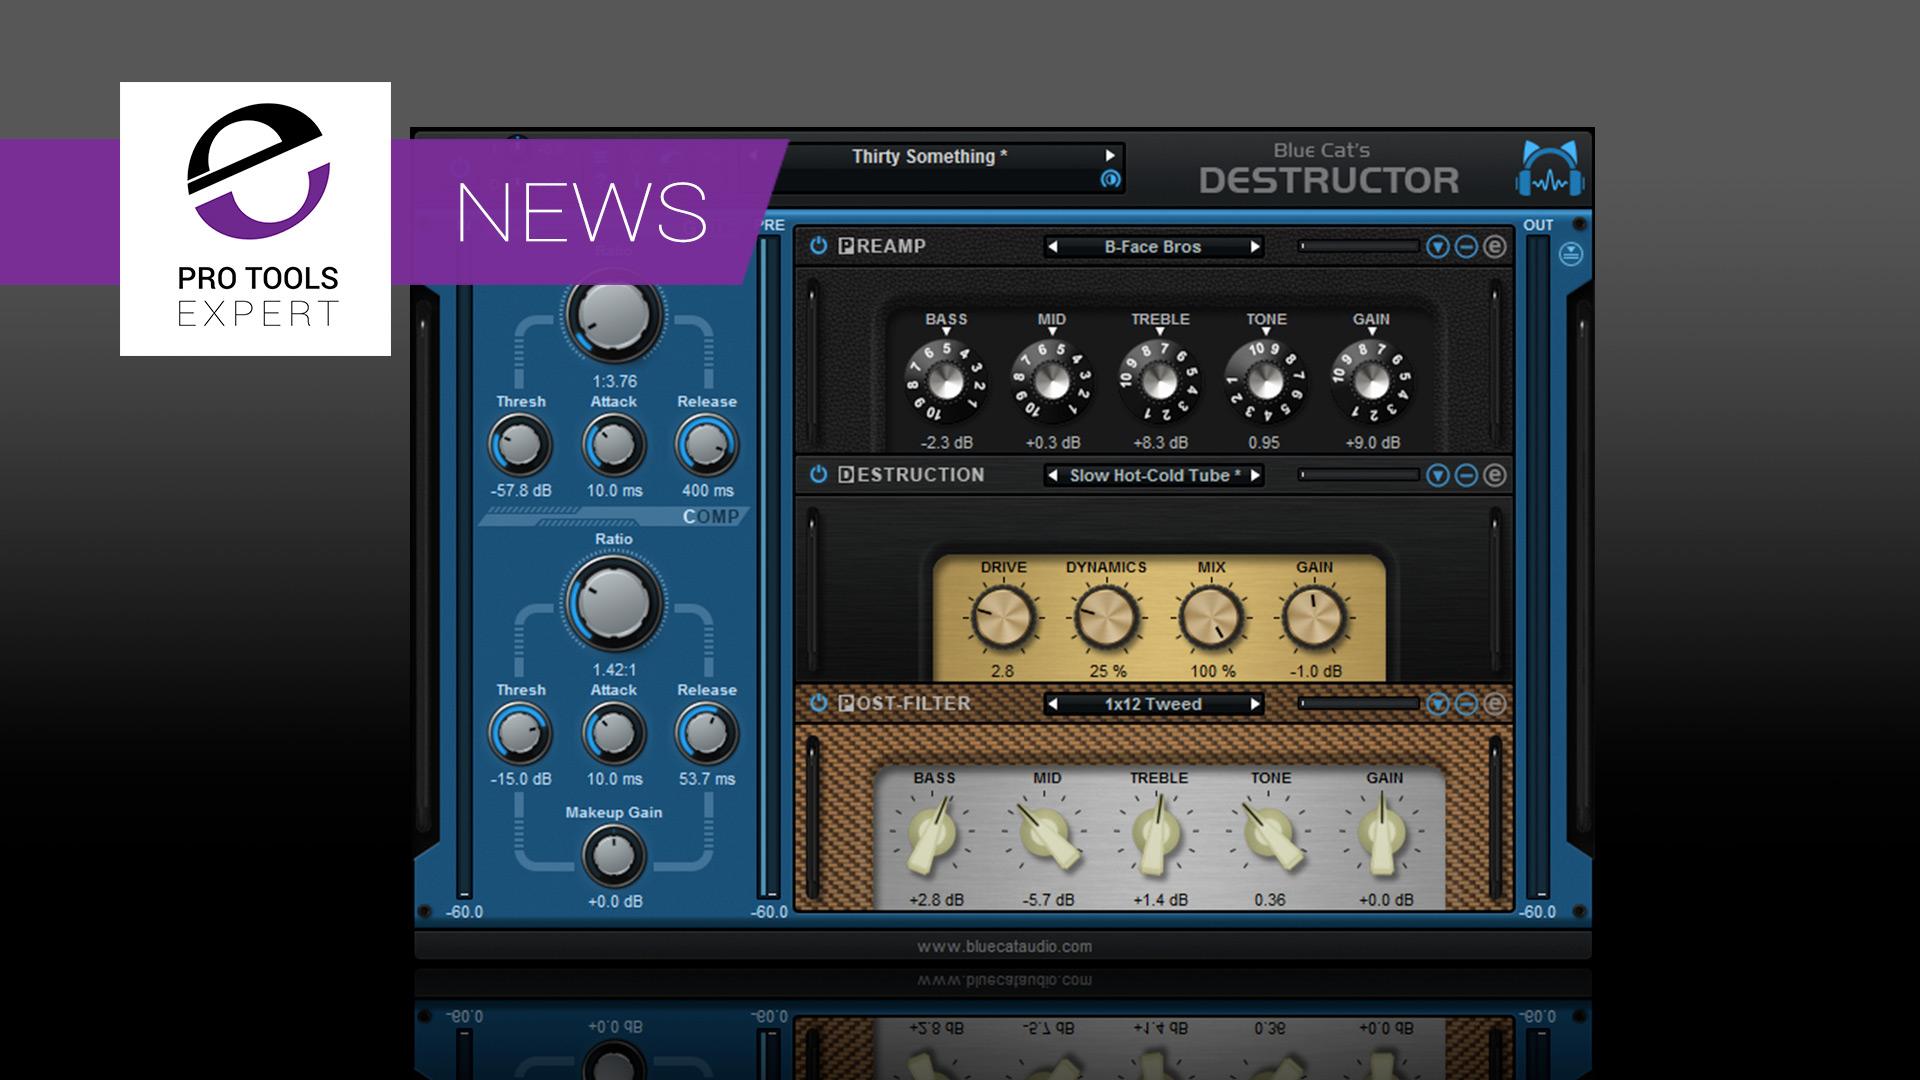 blue-cat-audio-destructor-update